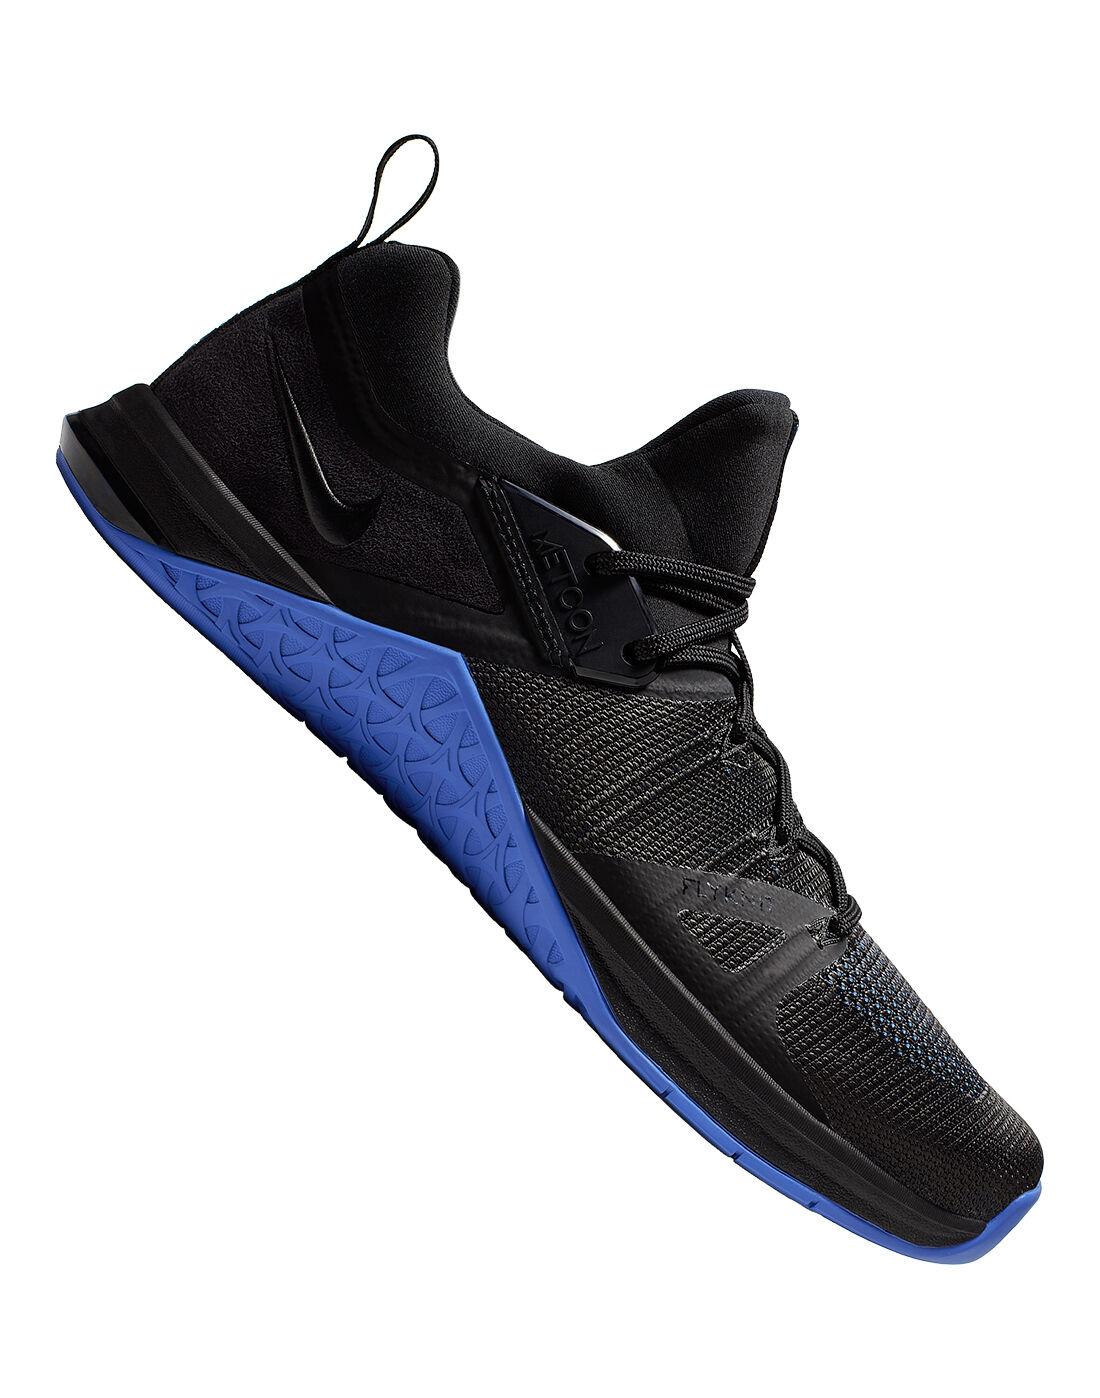 Men's Black \u0026 Blue Nike Metcon Flyknit